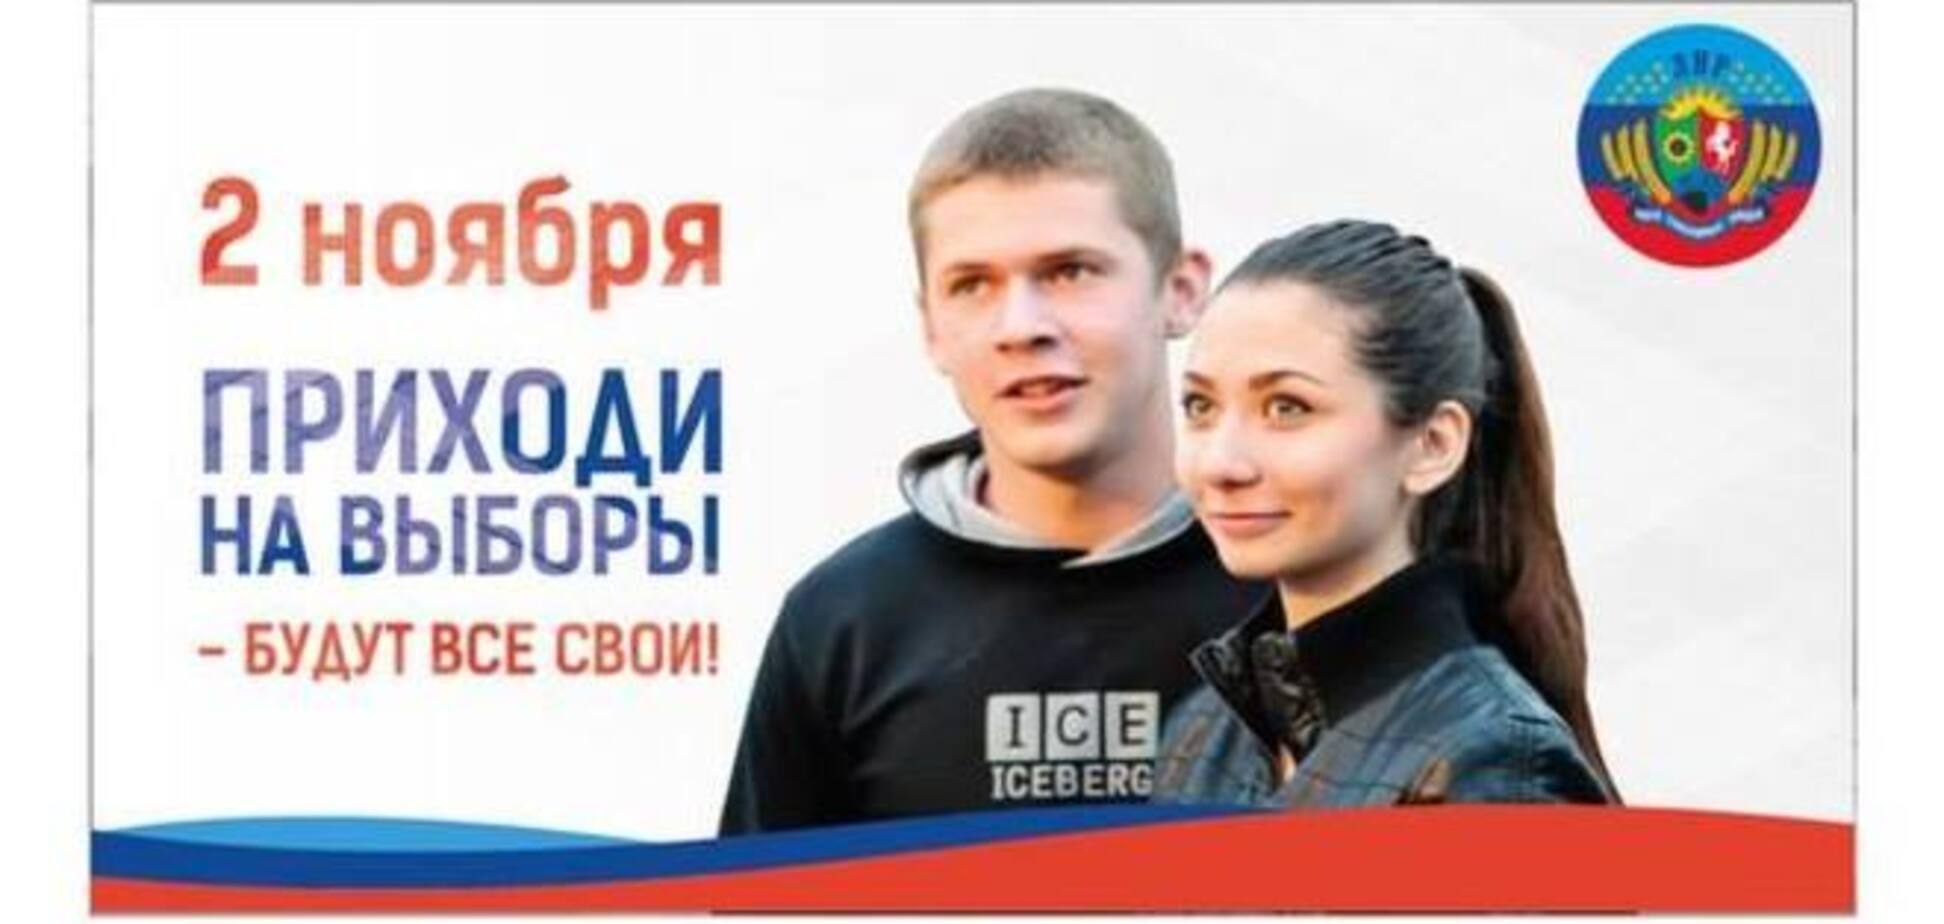 В Луганске накануне выборов пенсионерам пригрозили отказом в медпомощи